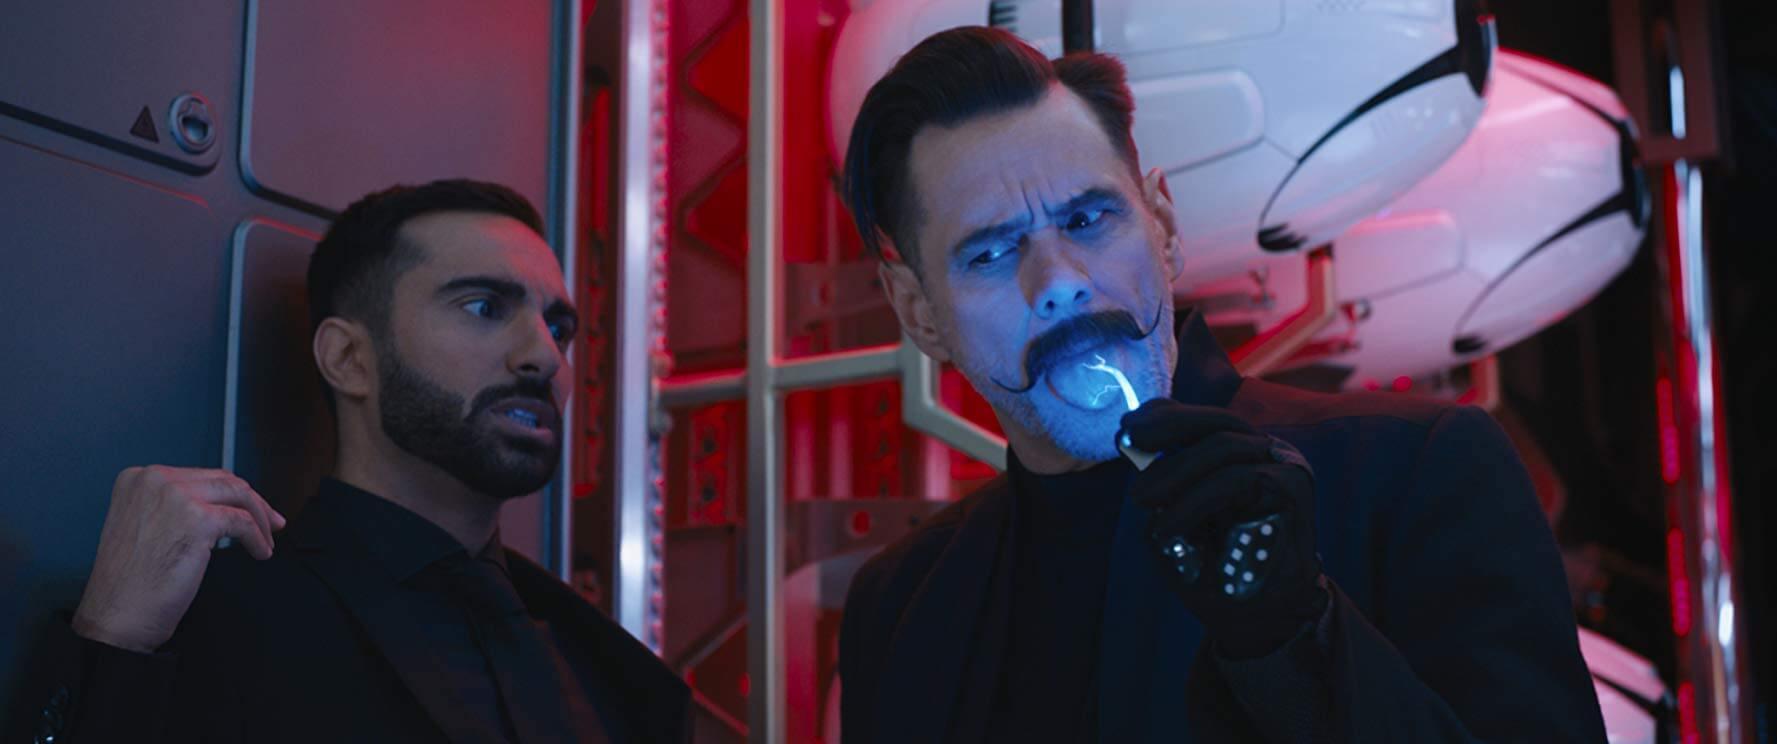 2020最新电影《刺猬索尼克》彩蛋解析以及在线观看:暗示续集将会带来新的角色!